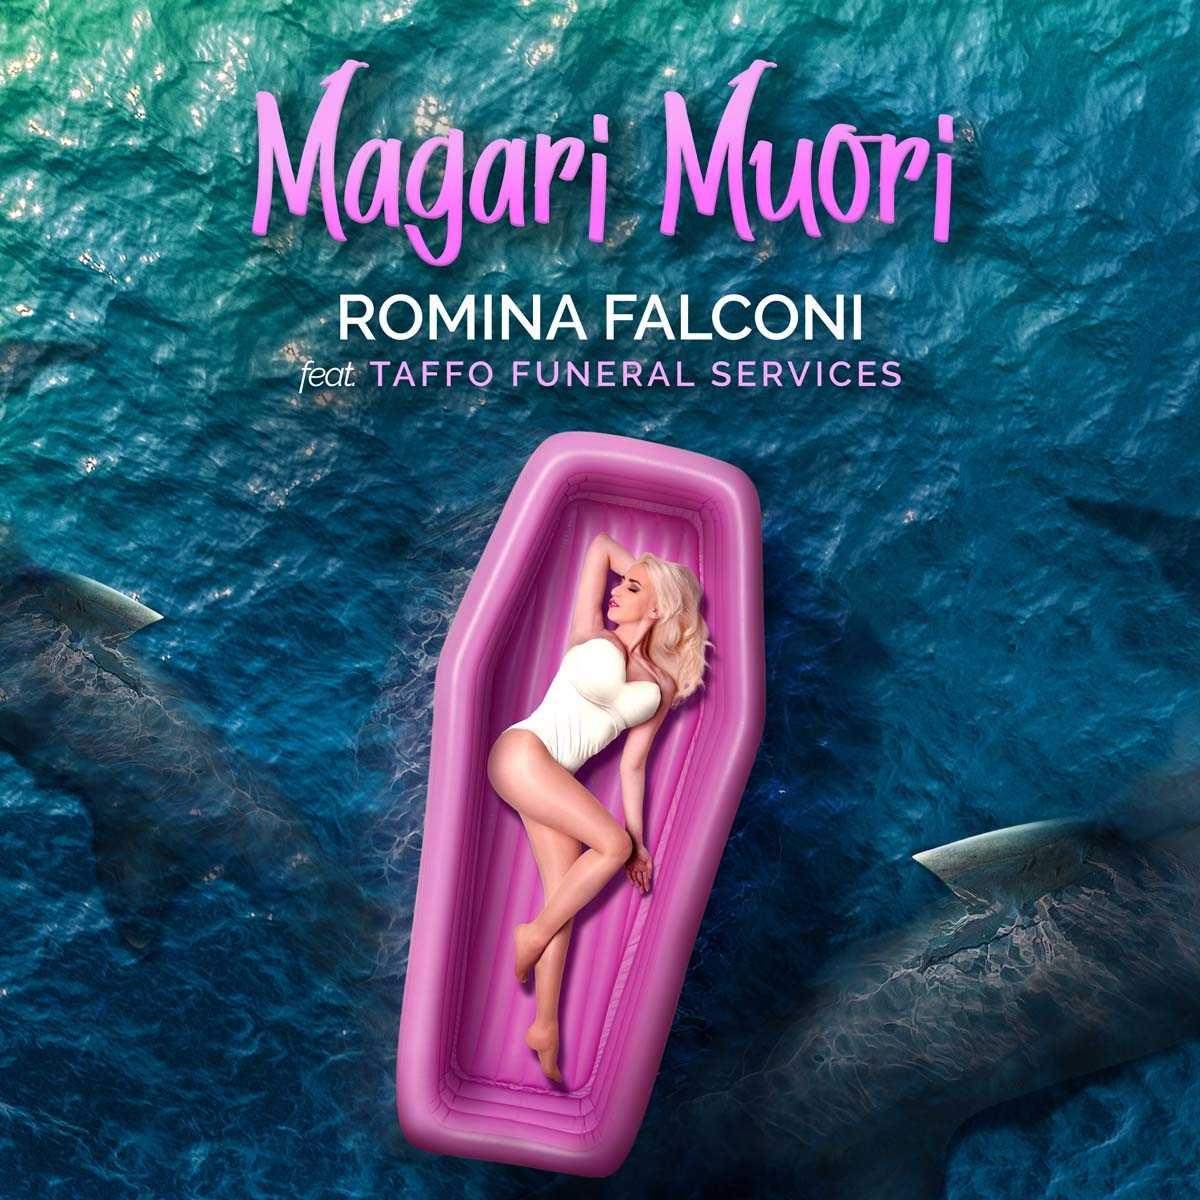 Romina Falconi Taffo Funeral Service Magari Muori